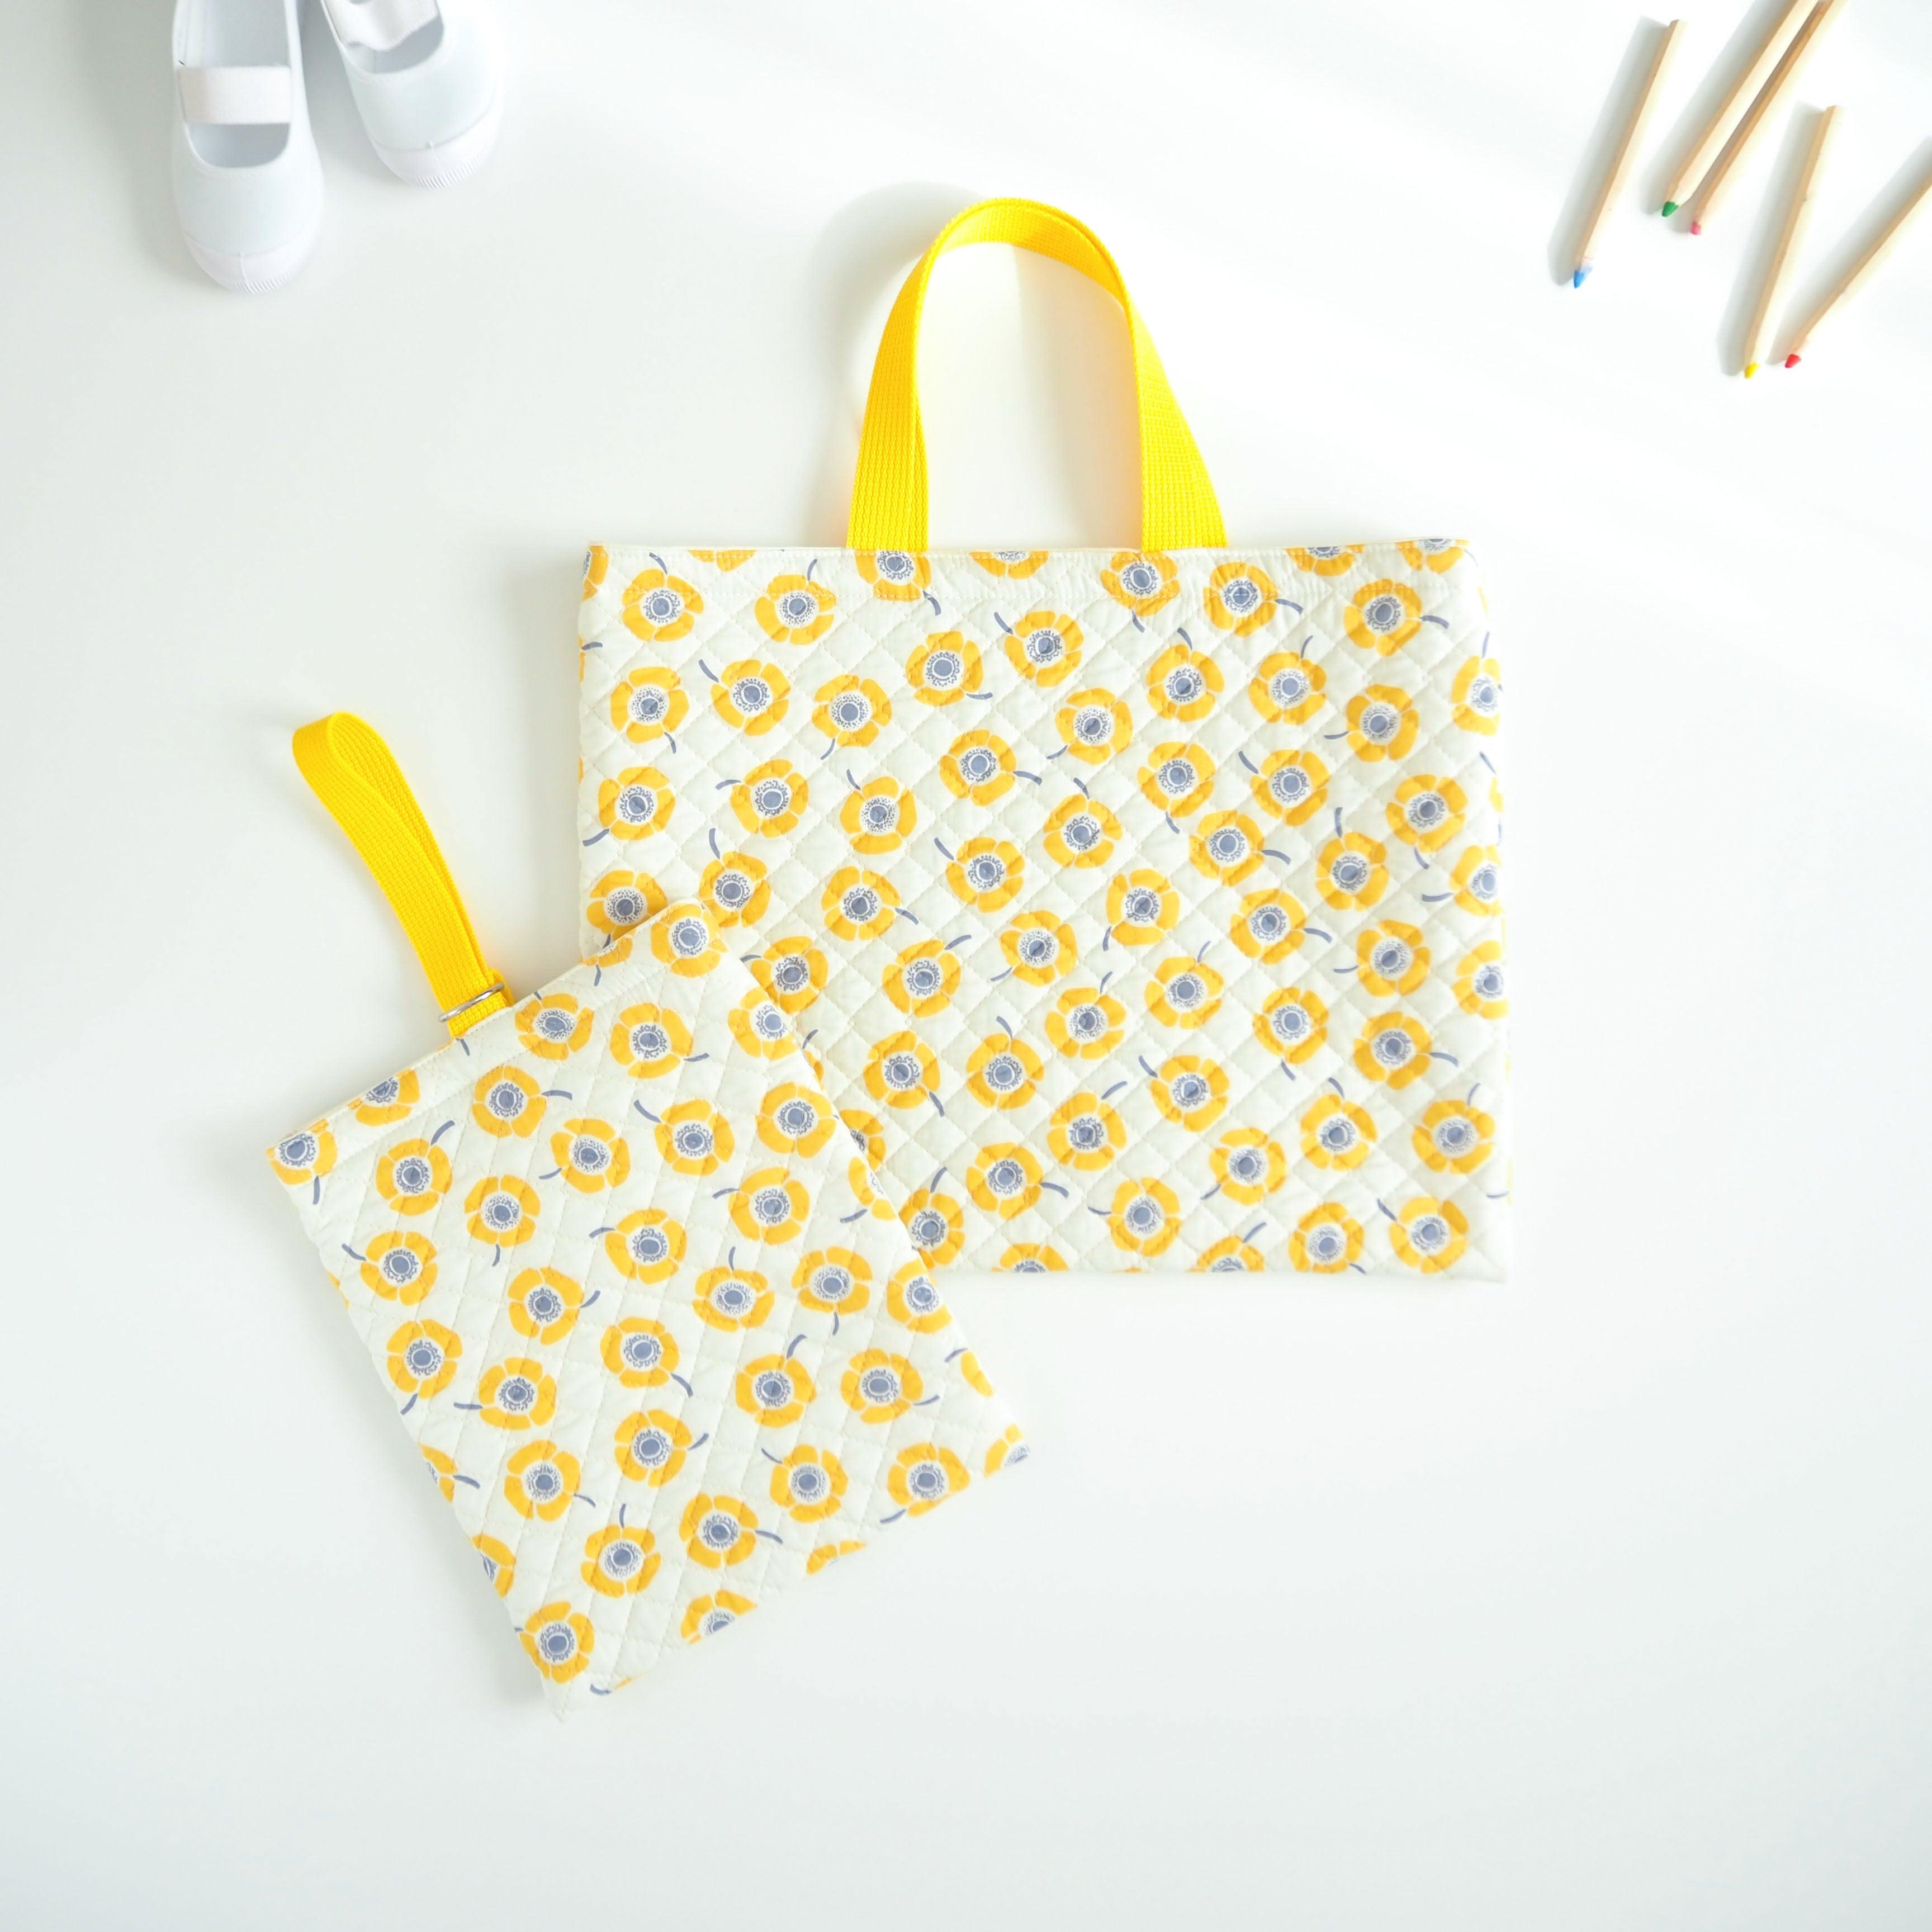 女の子のためのレッスンバッグ&上履き入れ/黄色